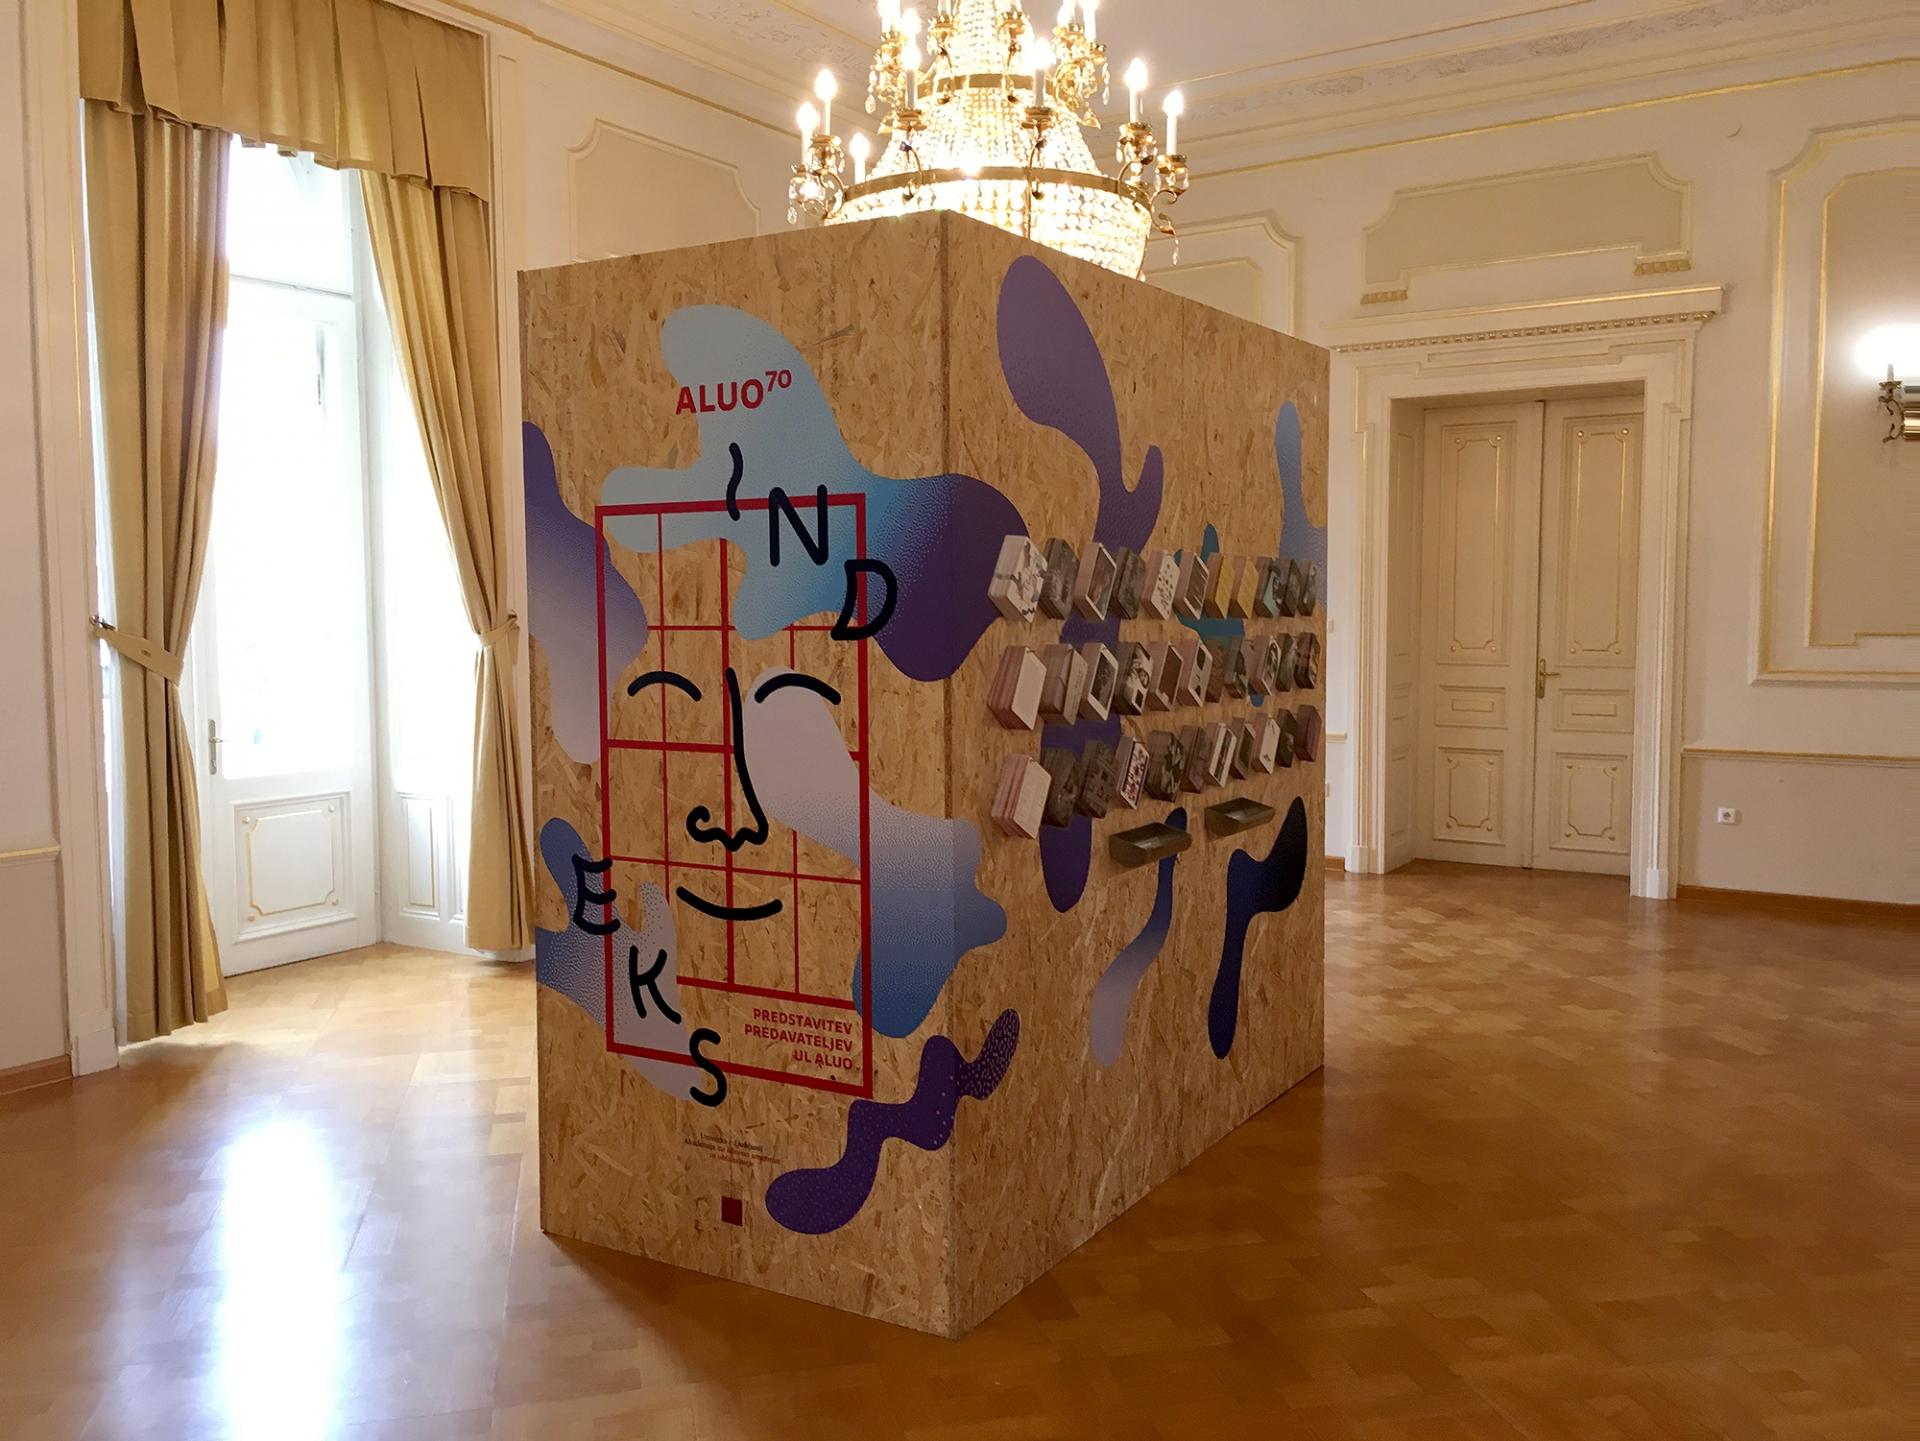 Dorijan Šiško design, illustration multimedia art, vj-jing sisko.dorijan@gmail.com ALUO Indeks